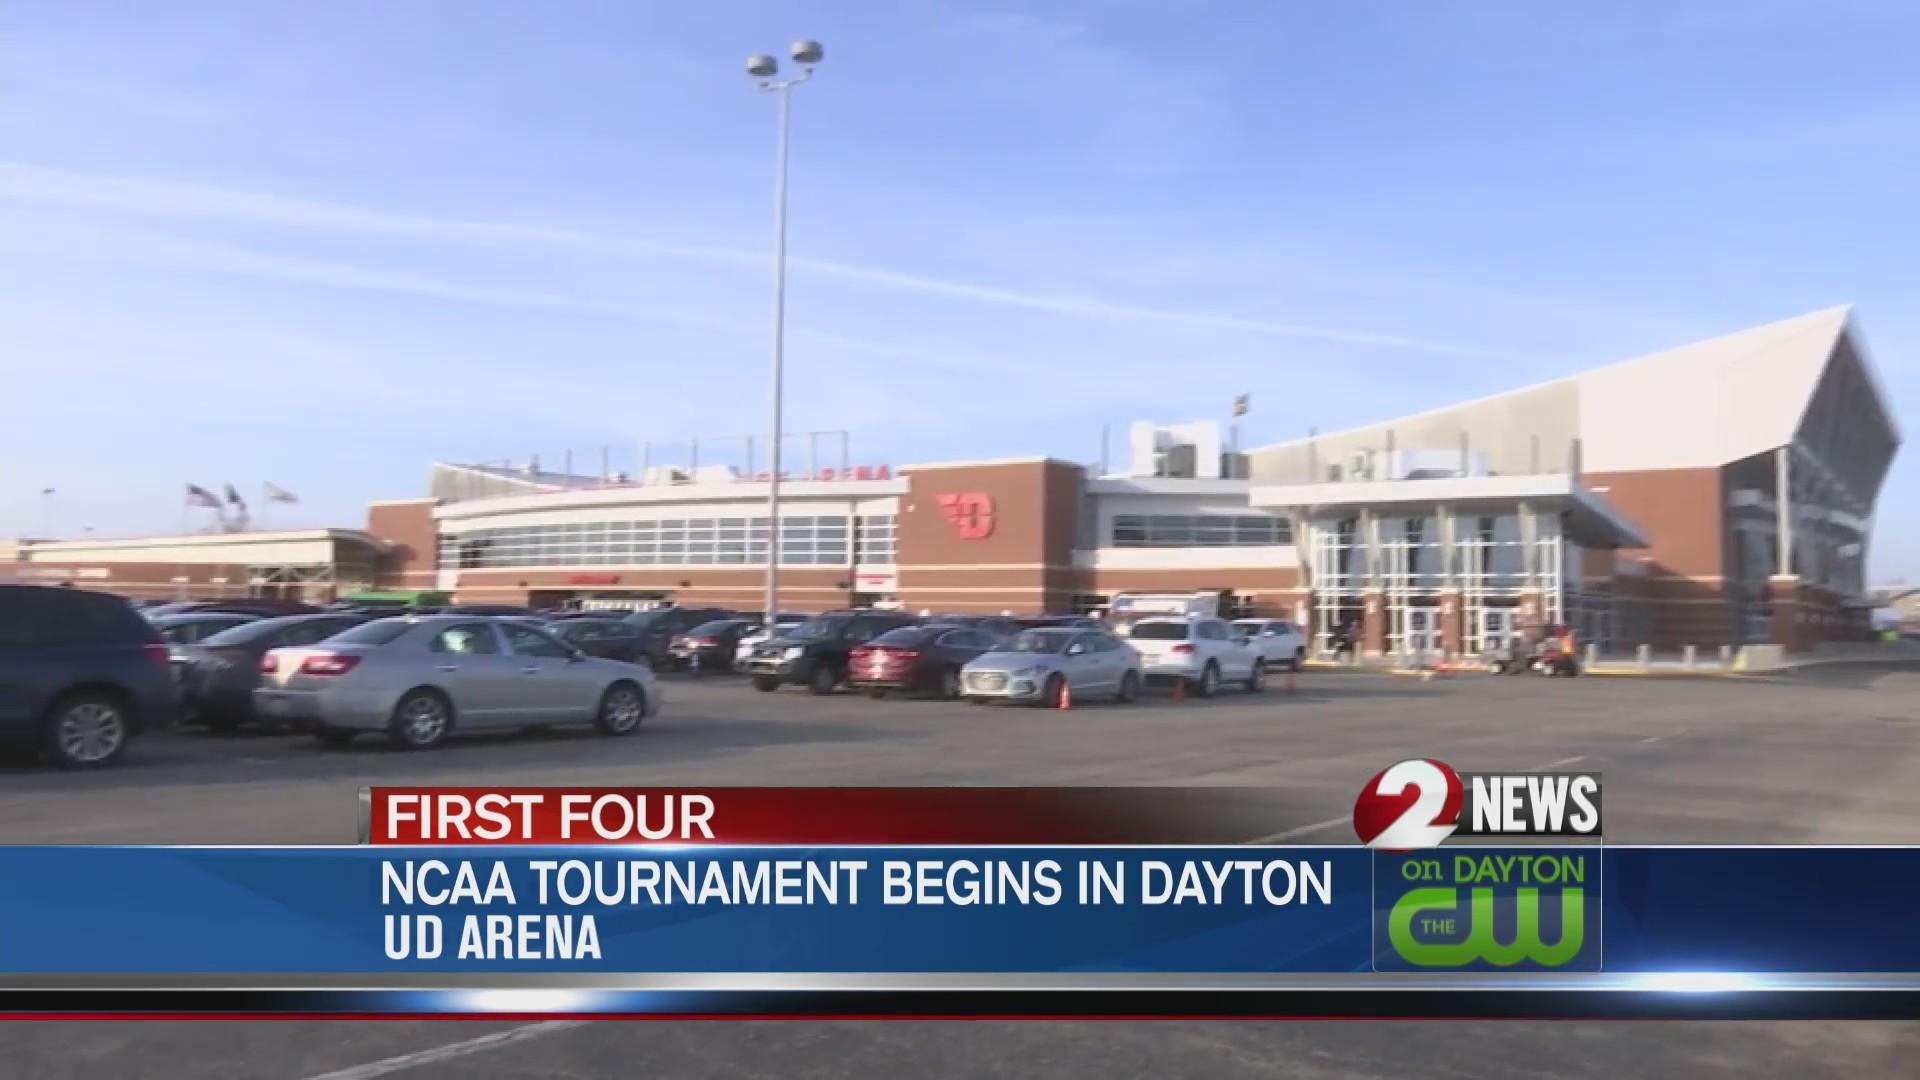 NCAA Tournament begins in Dayton